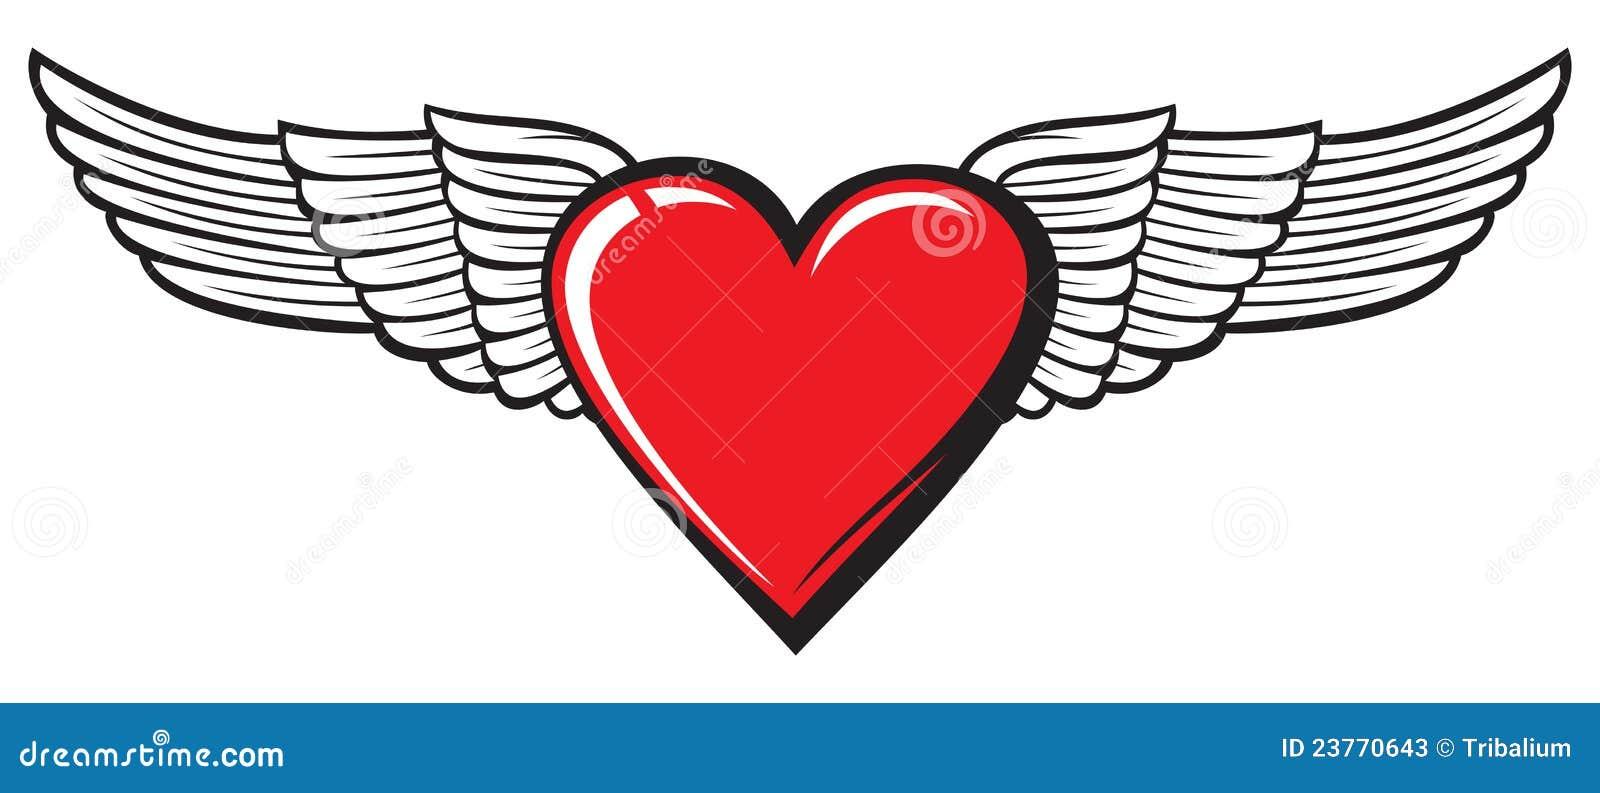 Coeur avec des ailes photos stock image 23770643 - Coeur avec des photos ...